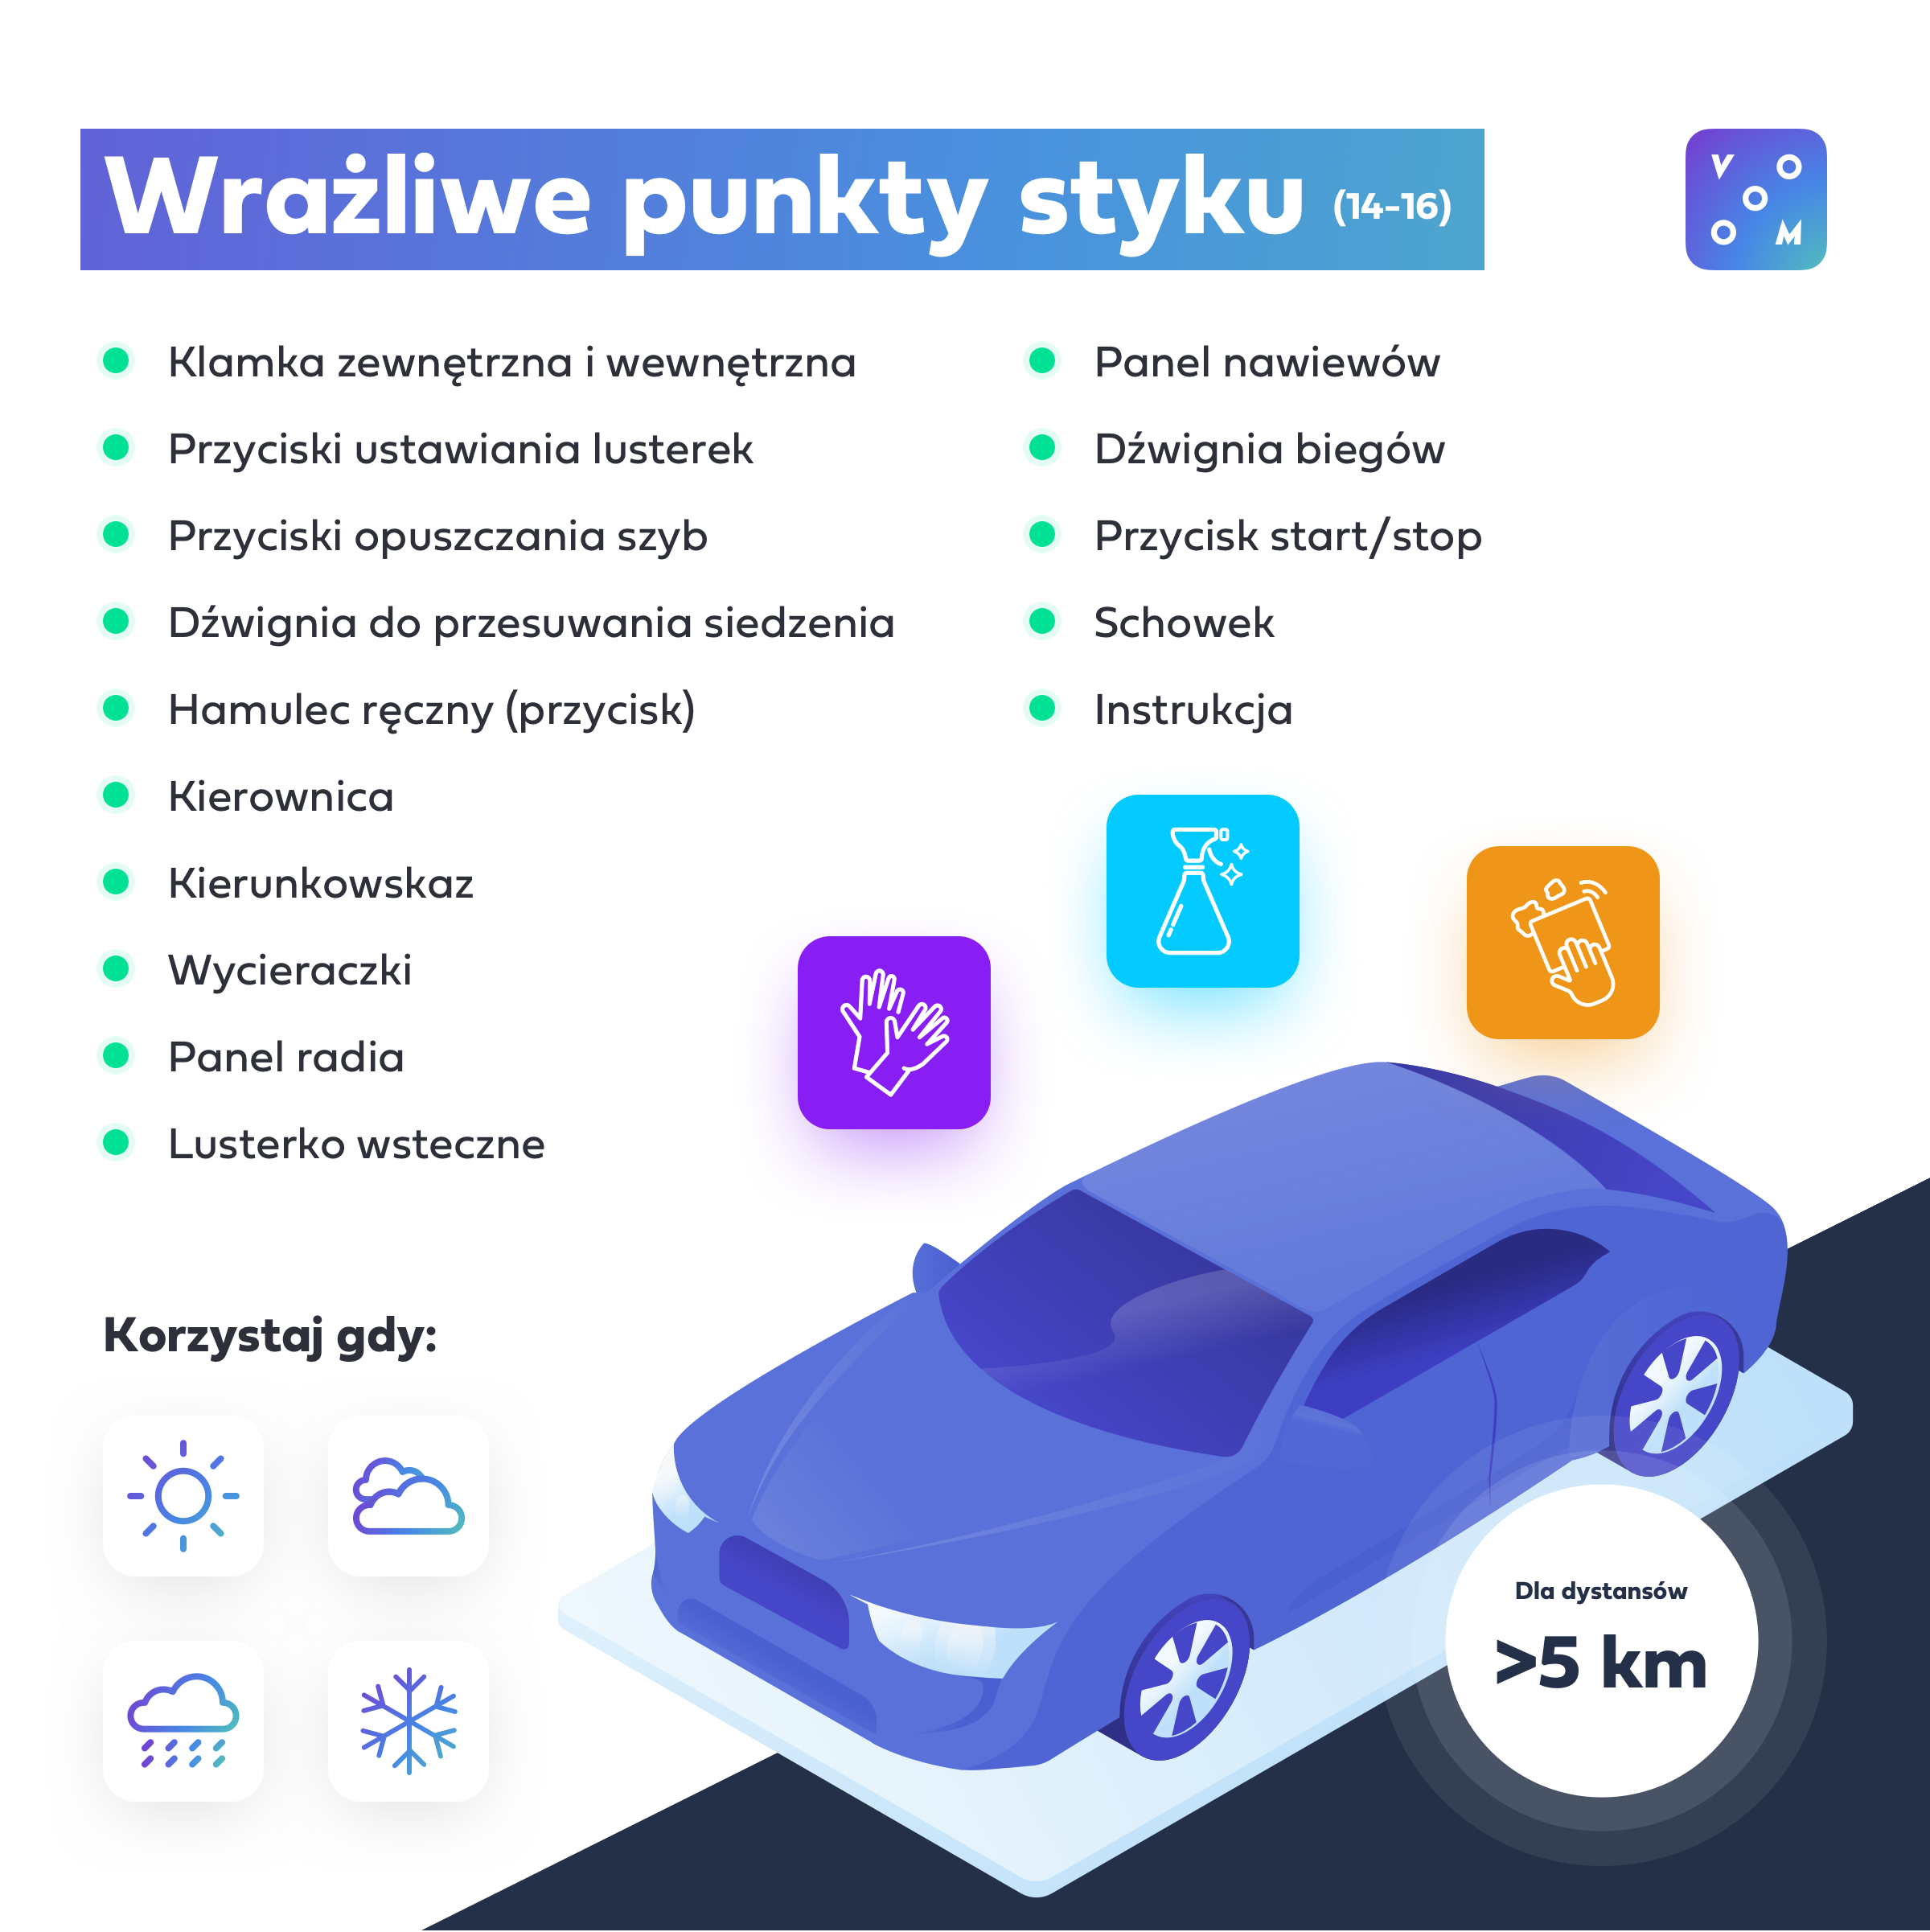 infografika samochód - wrażliwe punkty styku